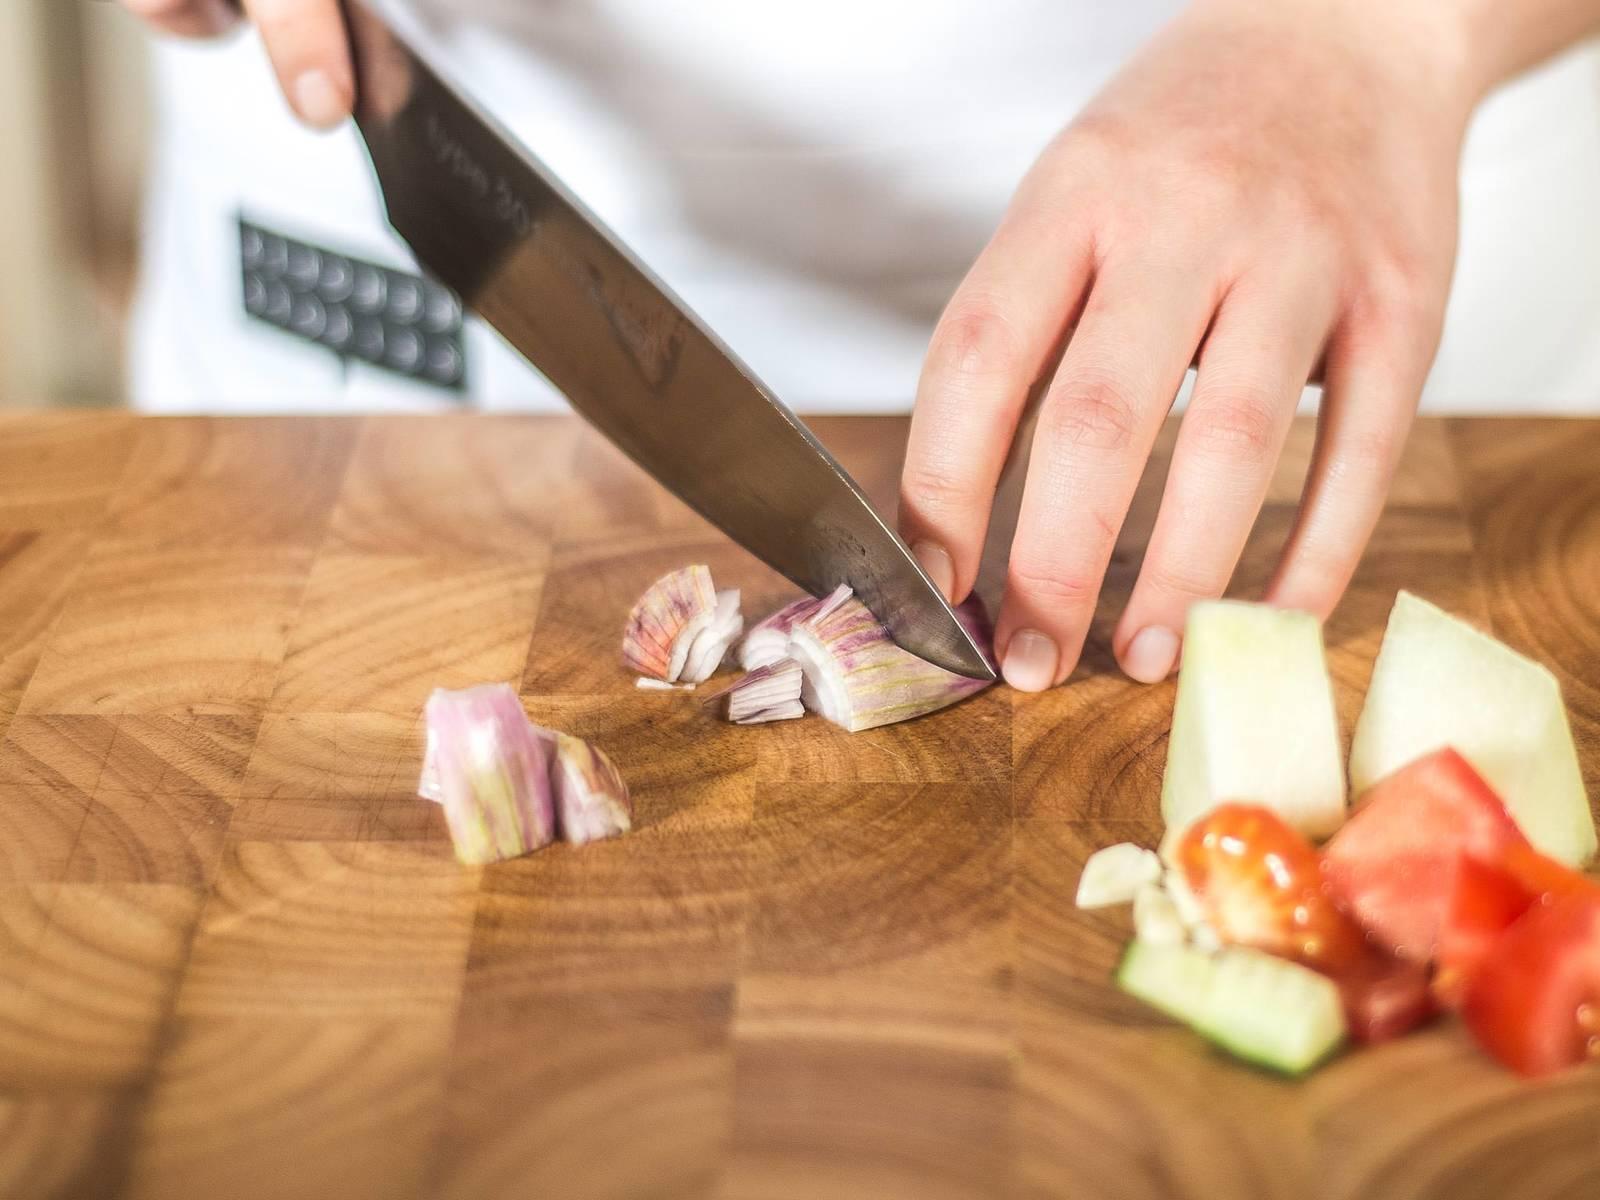 将甜瓜、番茄、黄瓜、灯笼椒与洋葱切丁。蒜切碎,罗勒切丝。